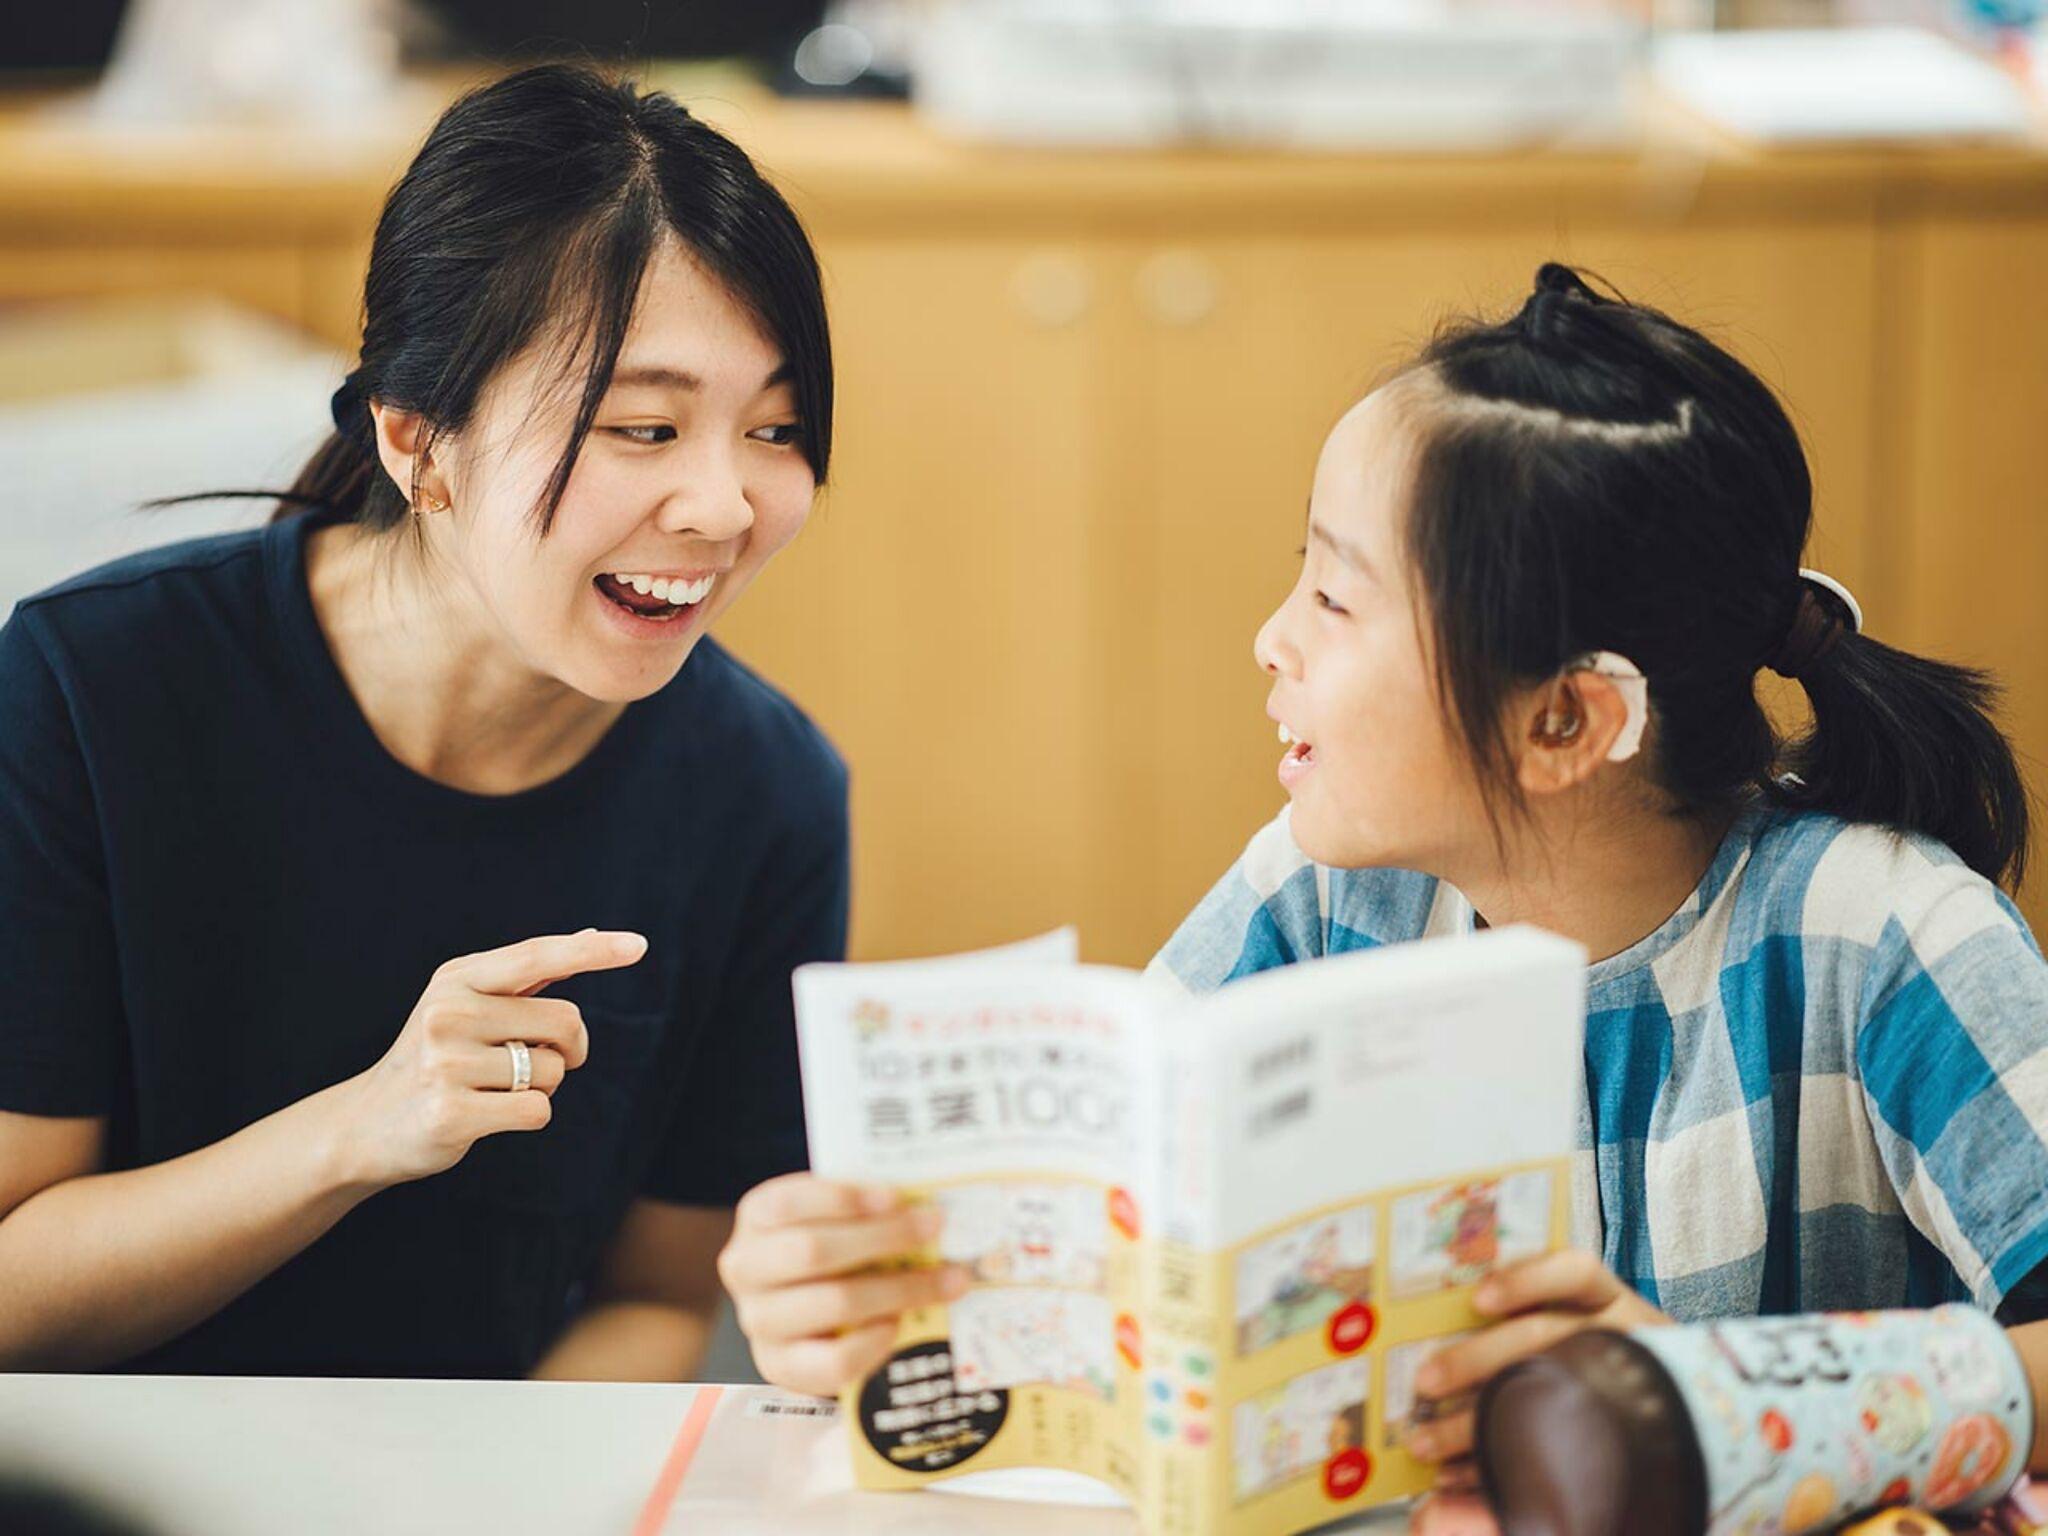 子どもと女性スタッフが一緒に本を見ている画像